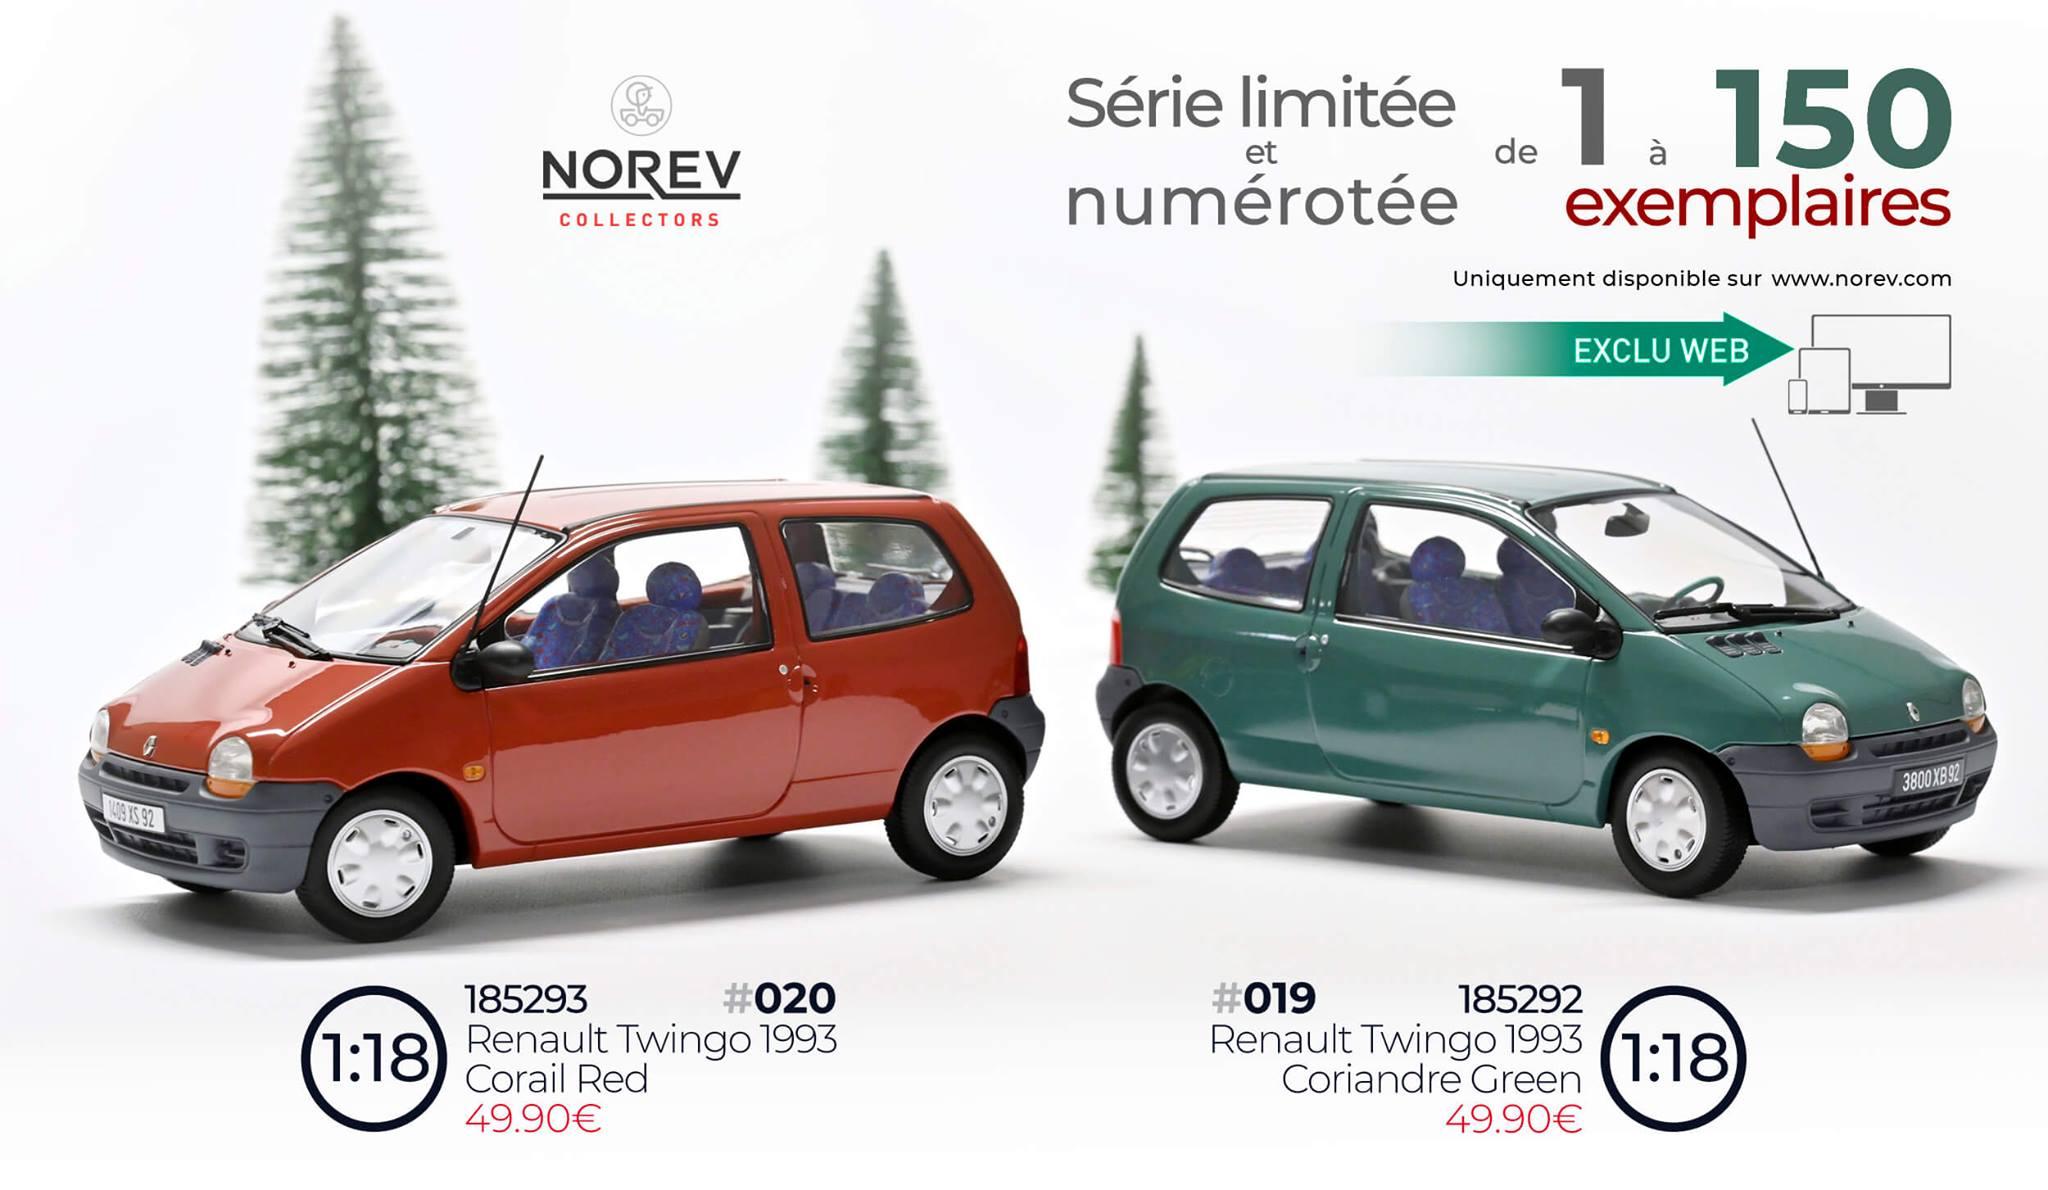 Renault Twingo Norev 1/18